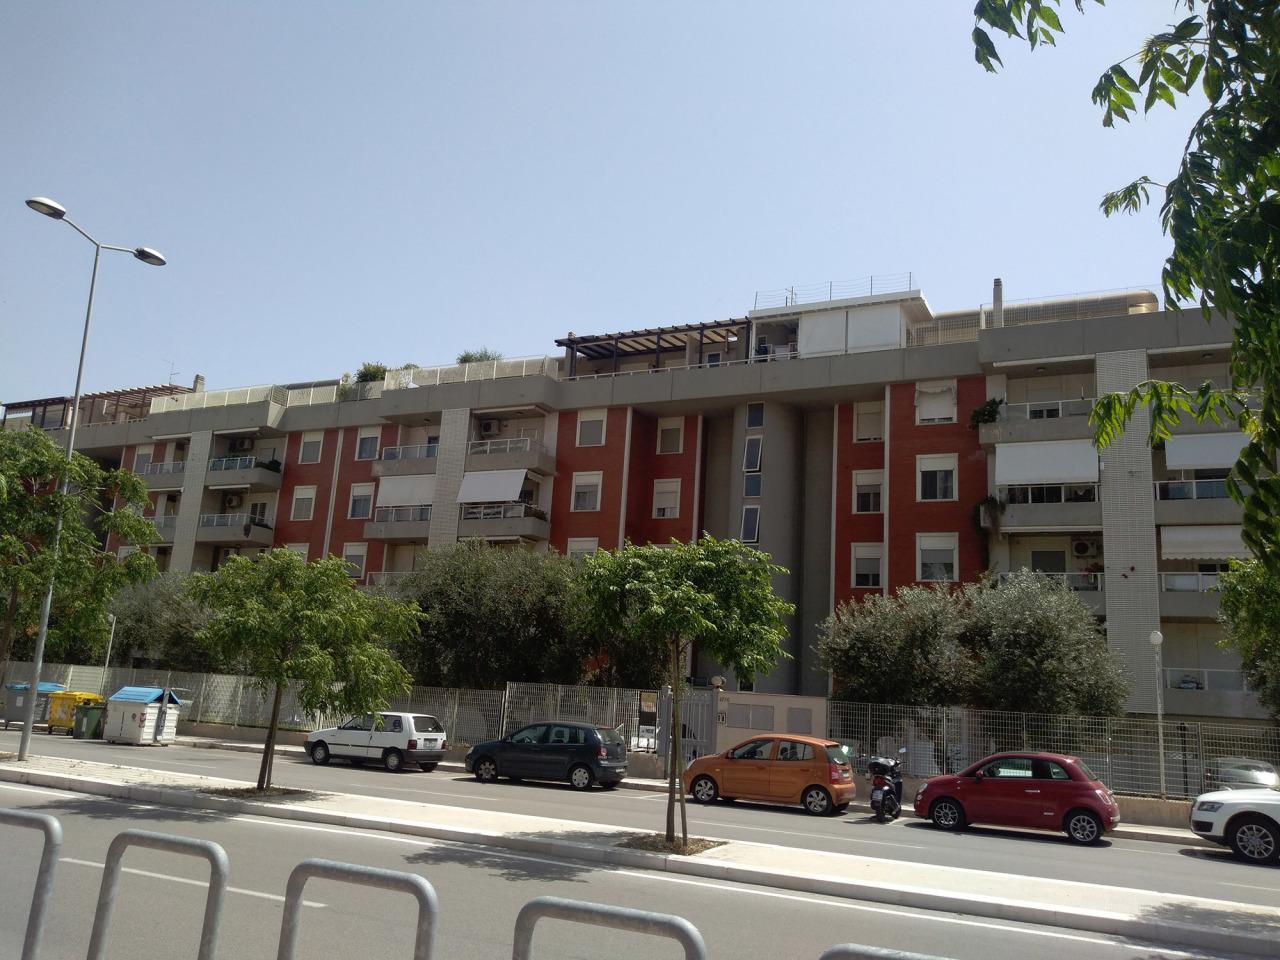 Appartamento in vendita a Bari, 7 locali, prezzo € 750.000 | PortaleAgenzieImmobiliari.it